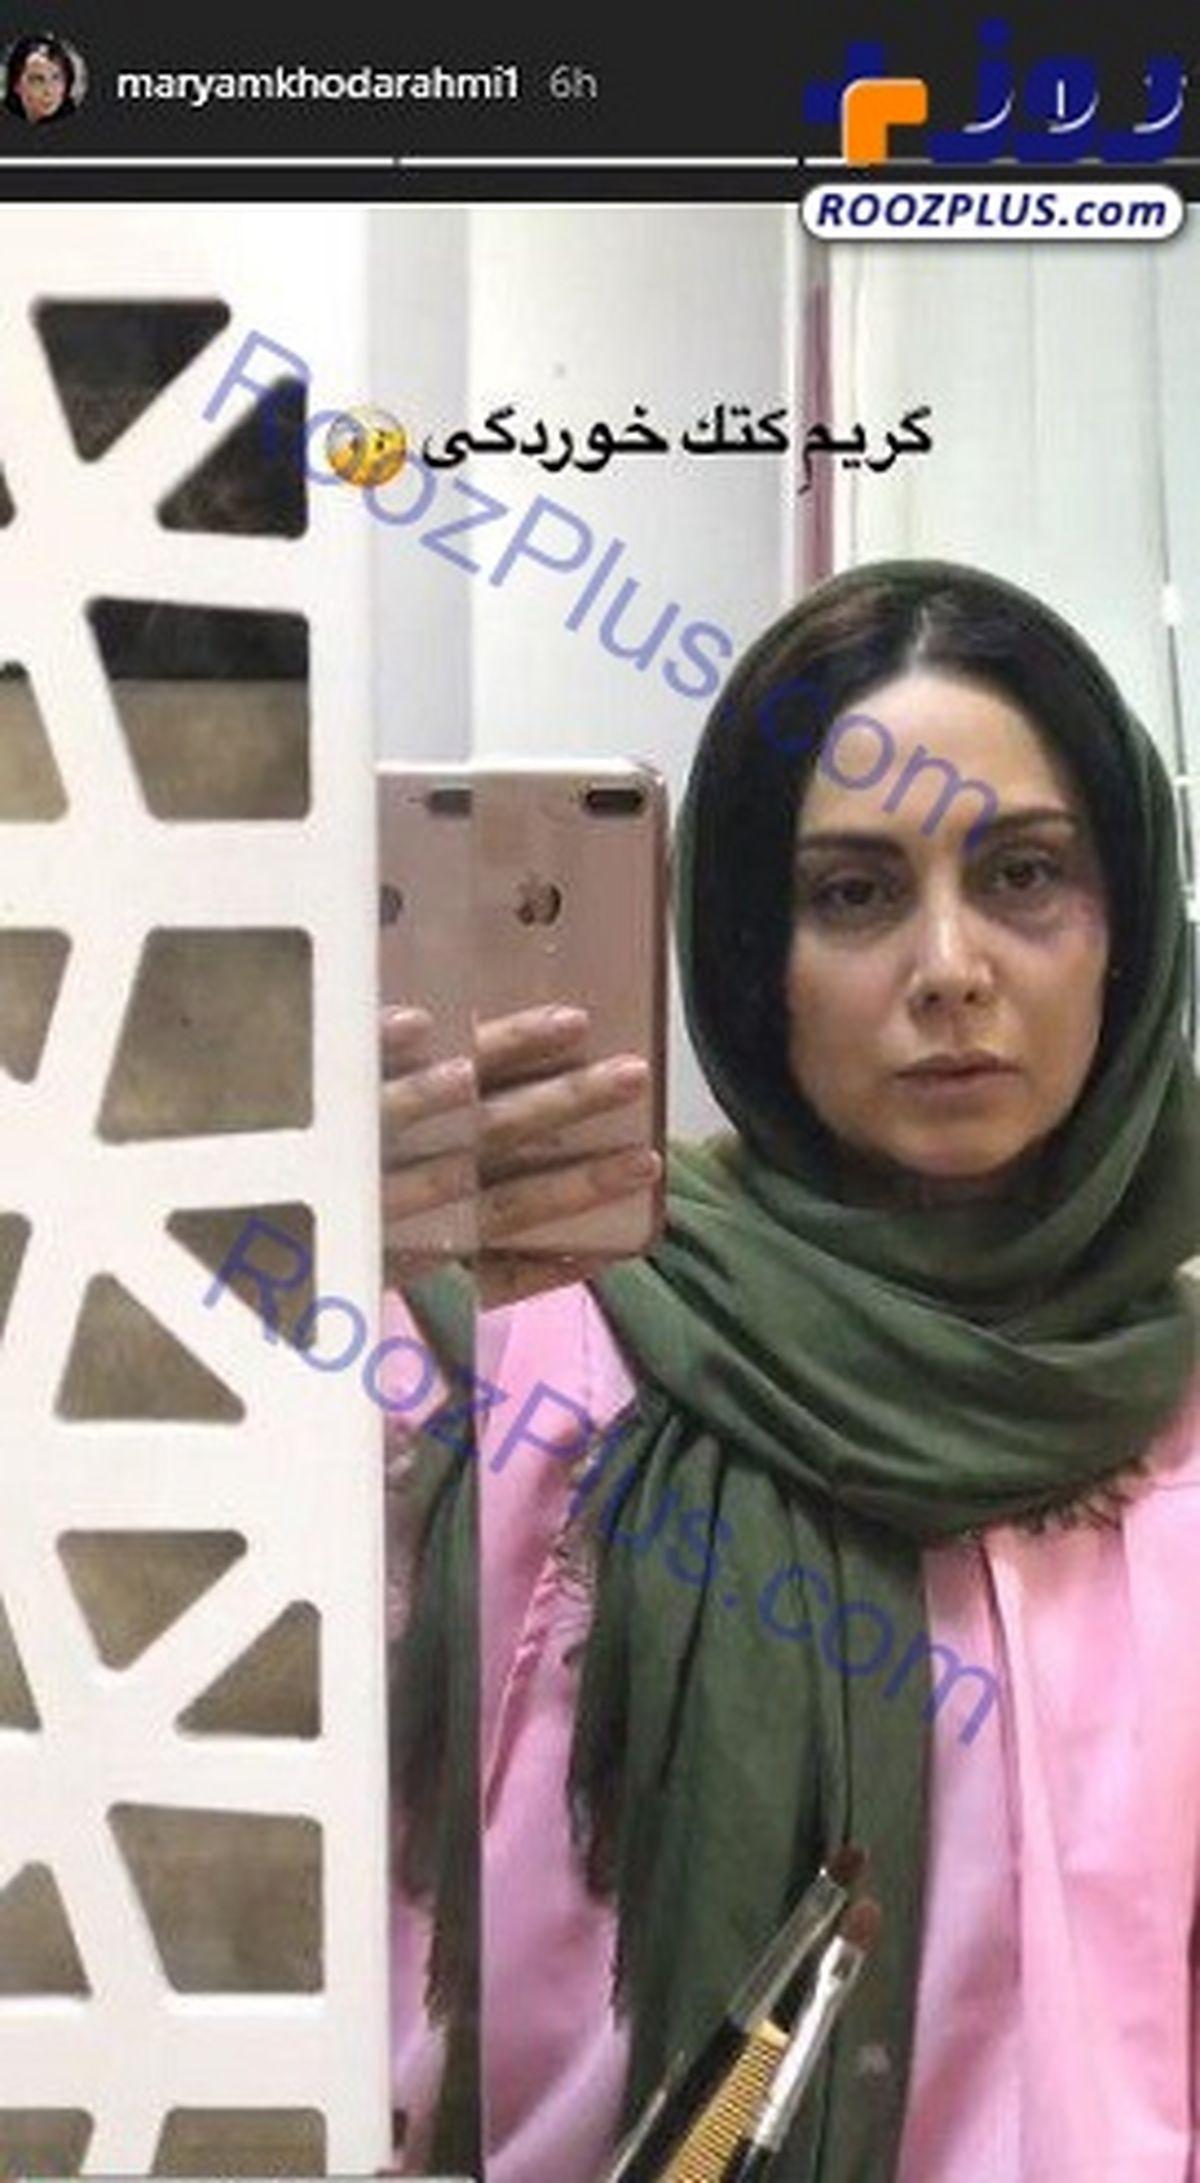 کتک خوردن مریم خدارحمی بازیگر زن ایرانی در کوچه و خیابان+عکس